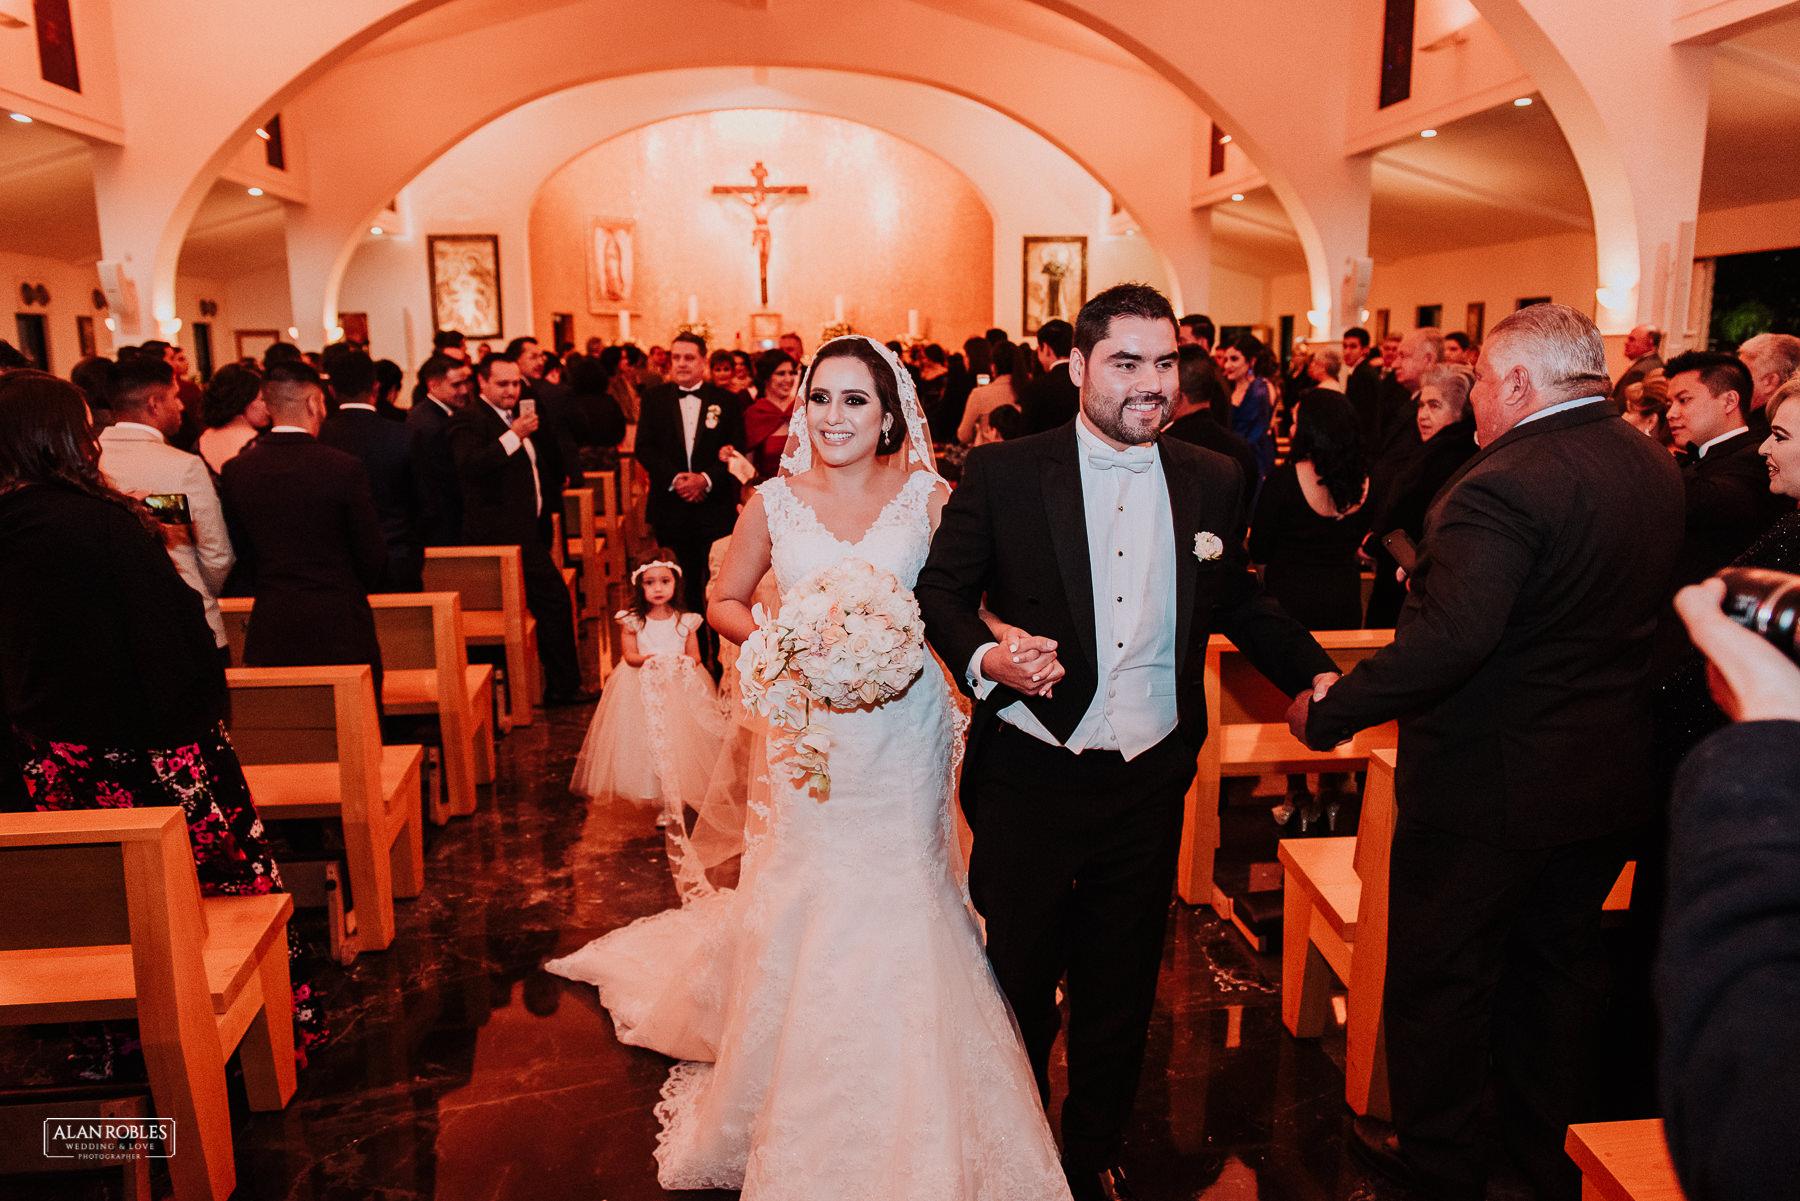 Fotografo de bodas Alan Robles-Casa Clementina Guadalajara DyA-52